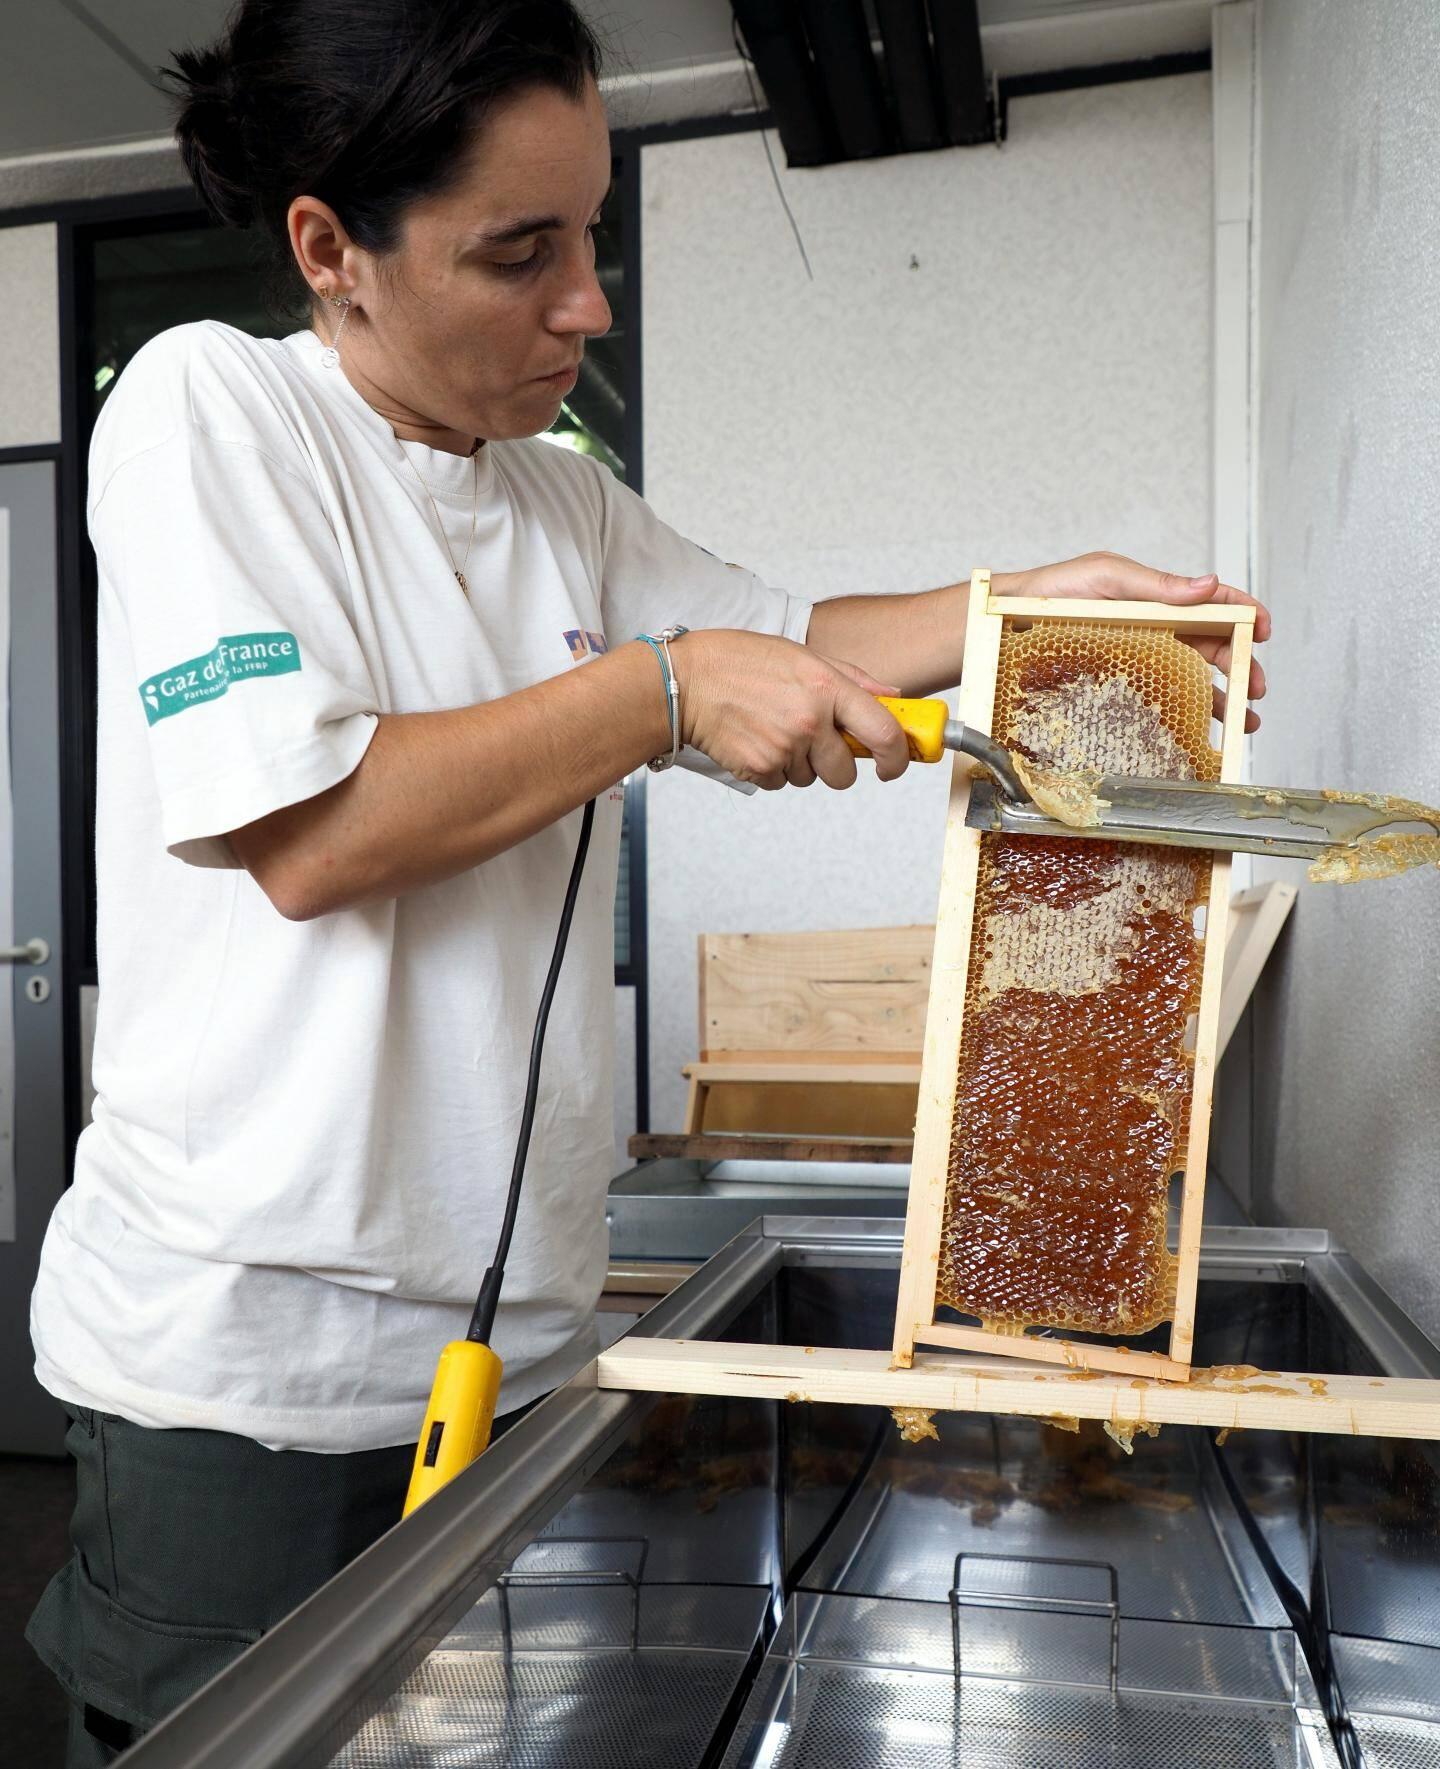 Les abeilles ont déposé quelques gouttes de venin pour conserver le miel avant de fermer hermétiquement l'alvéole avec de la cire. Avec un couteau chauffé, Isabelle surprime l'opercule de cire. Le miel scintillant apparaît alors.